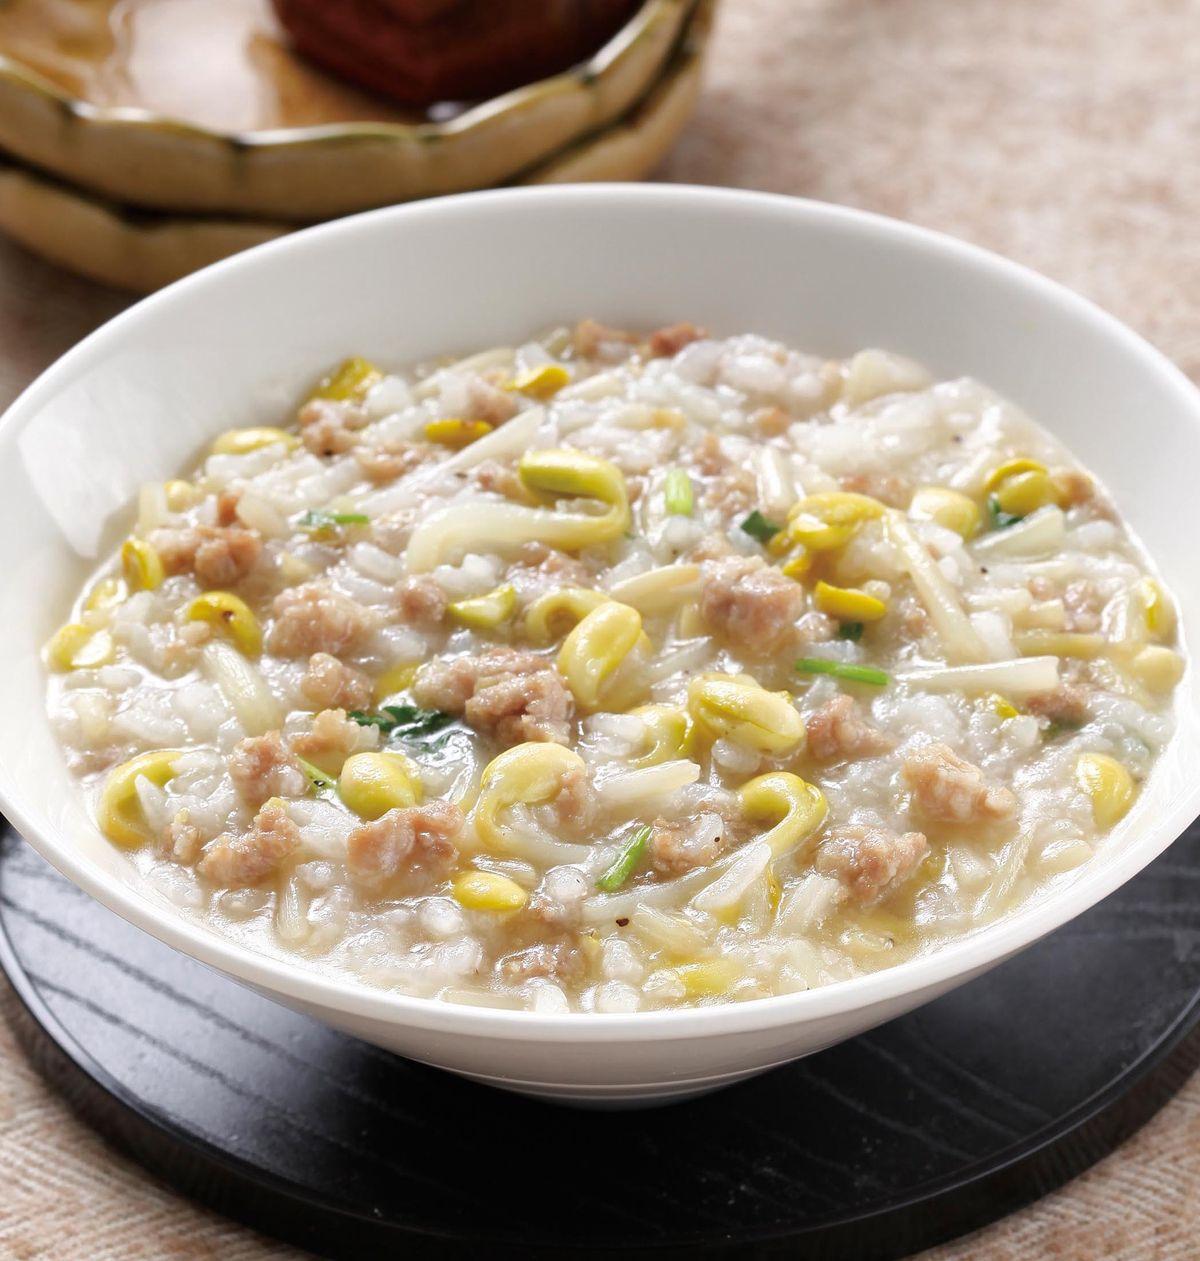 食譜:黃豆苗瘦肉粥